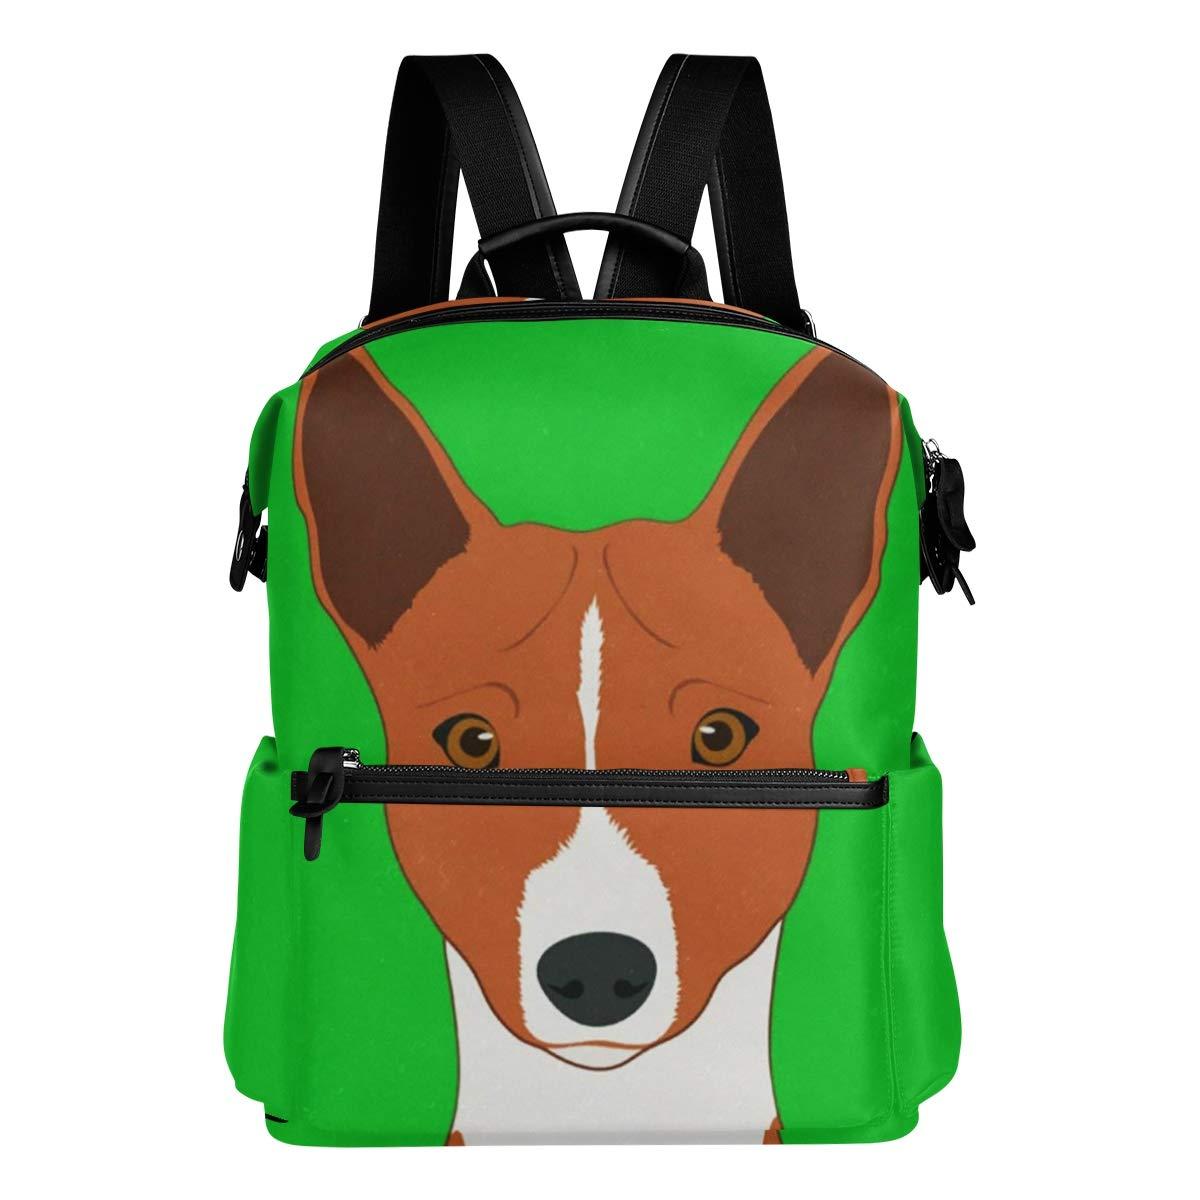 カジュアルバックパック カレッジバッグ Basenji 犬 バックパック 軽量 旅行 デイパック 学生 スクールバッグ ティーン ガールズ ボーイズ   B07JYSGGW6